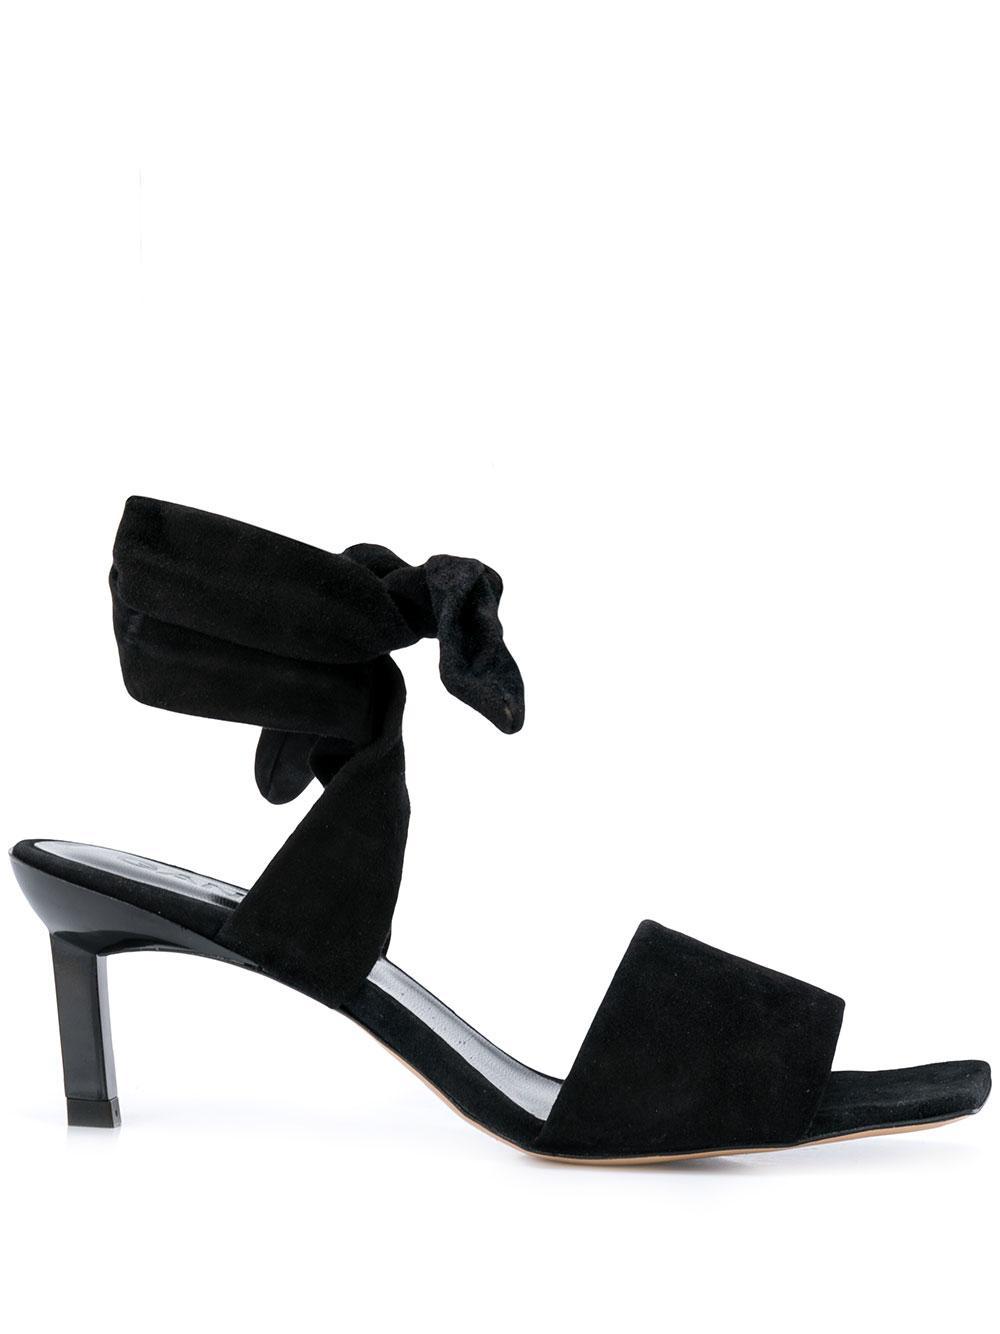 Suede Kitten Heel Sandal With Ankle Ties Item # S1059